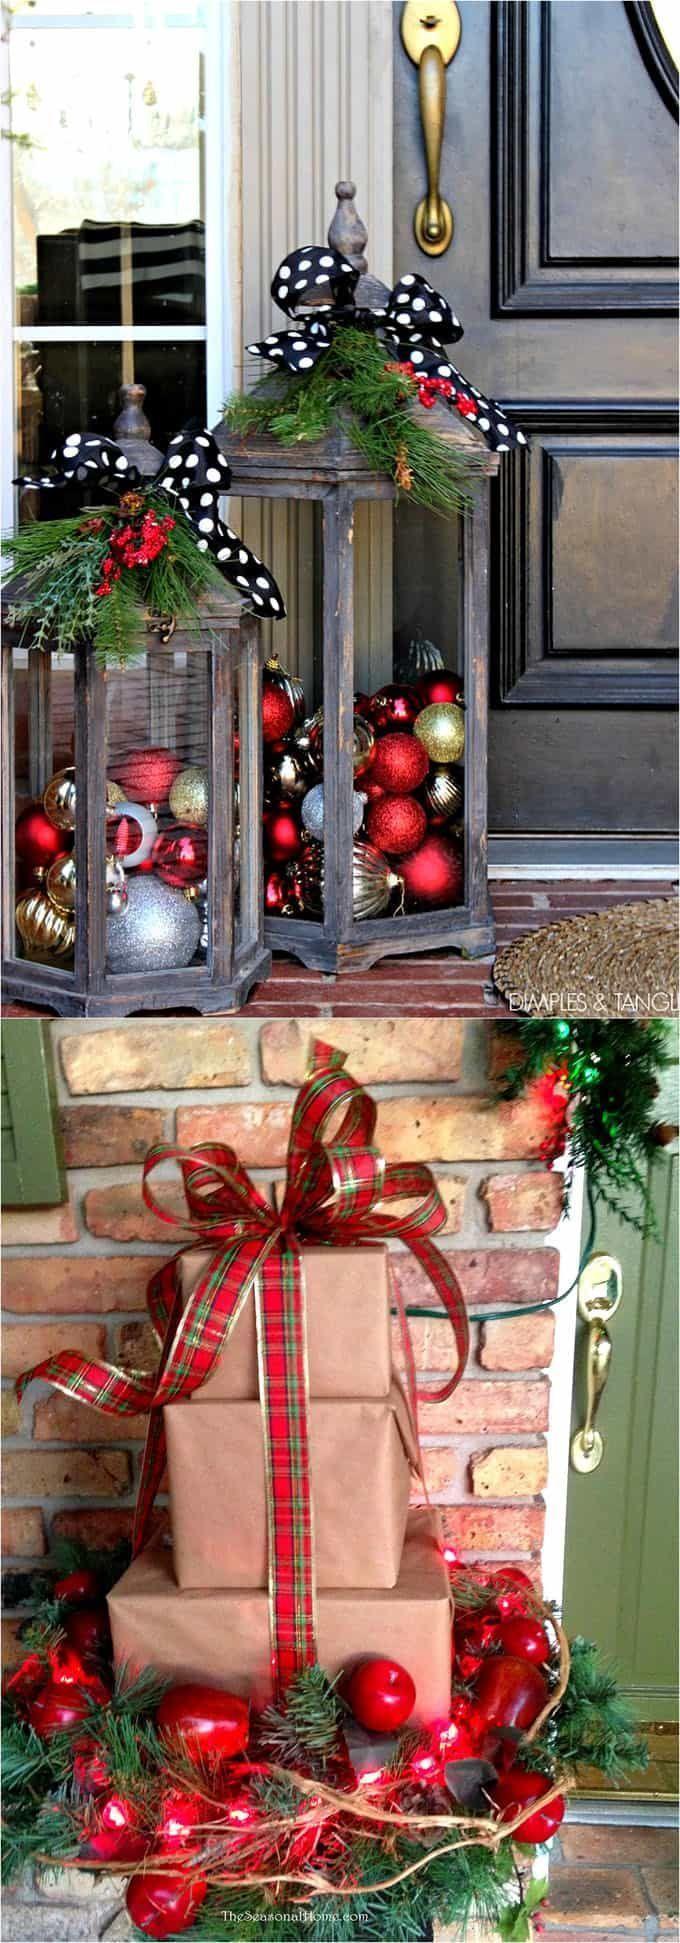 32 wunderschöne Weihnachtsportale & Türen: wie man schön und verspielt macht › 25 +